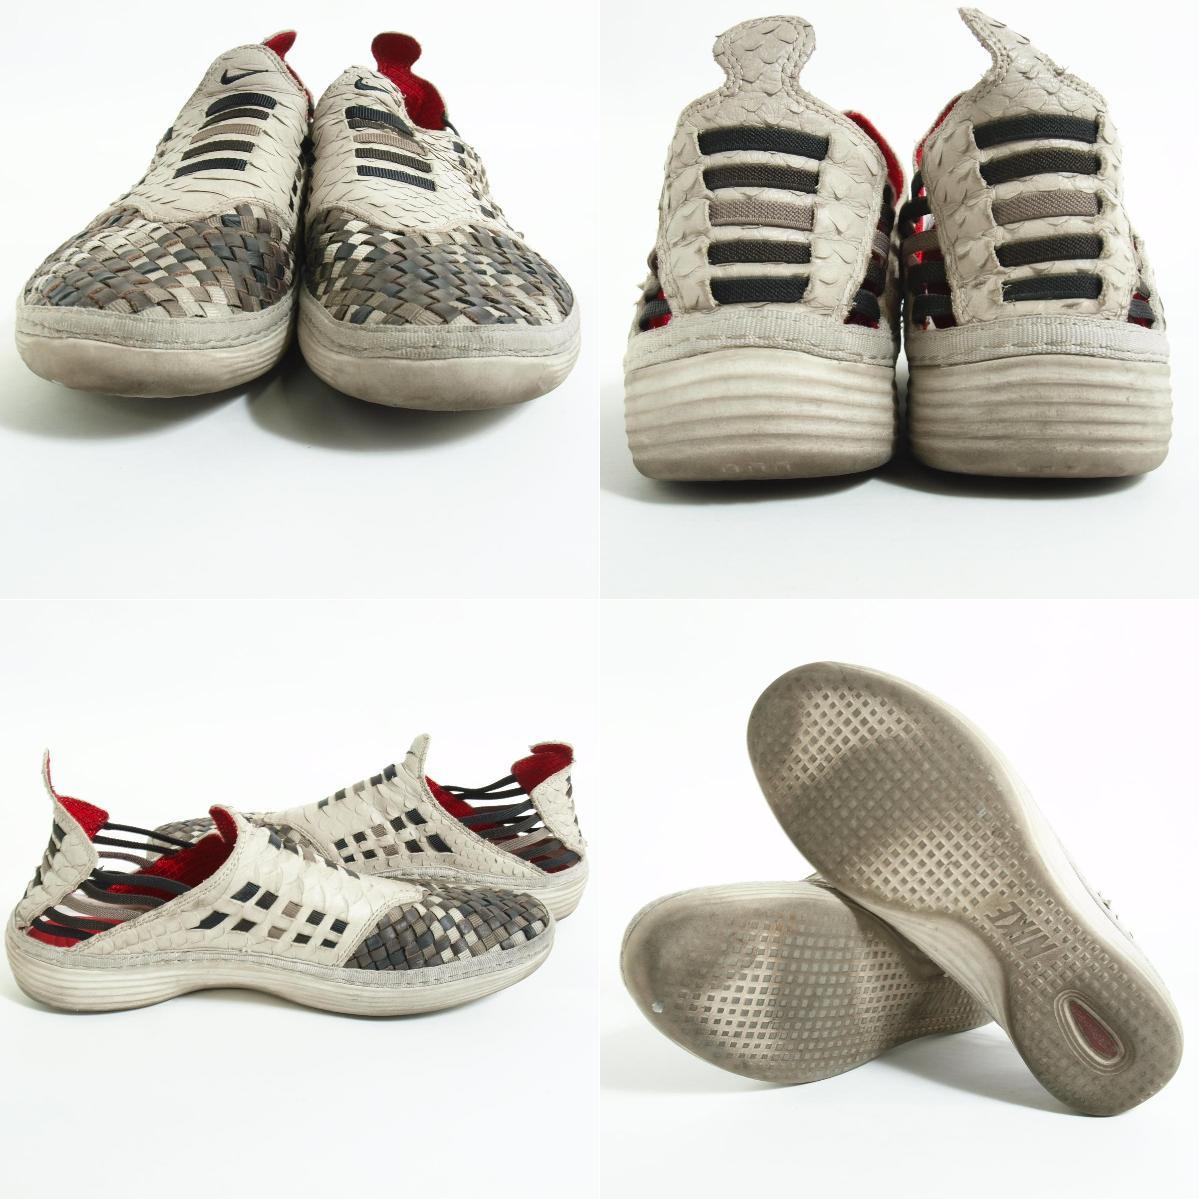 耐克 SOLARSOFT 台灯运动鞋 US9 男子 27.0 厘米耐克 /boj2691 160828